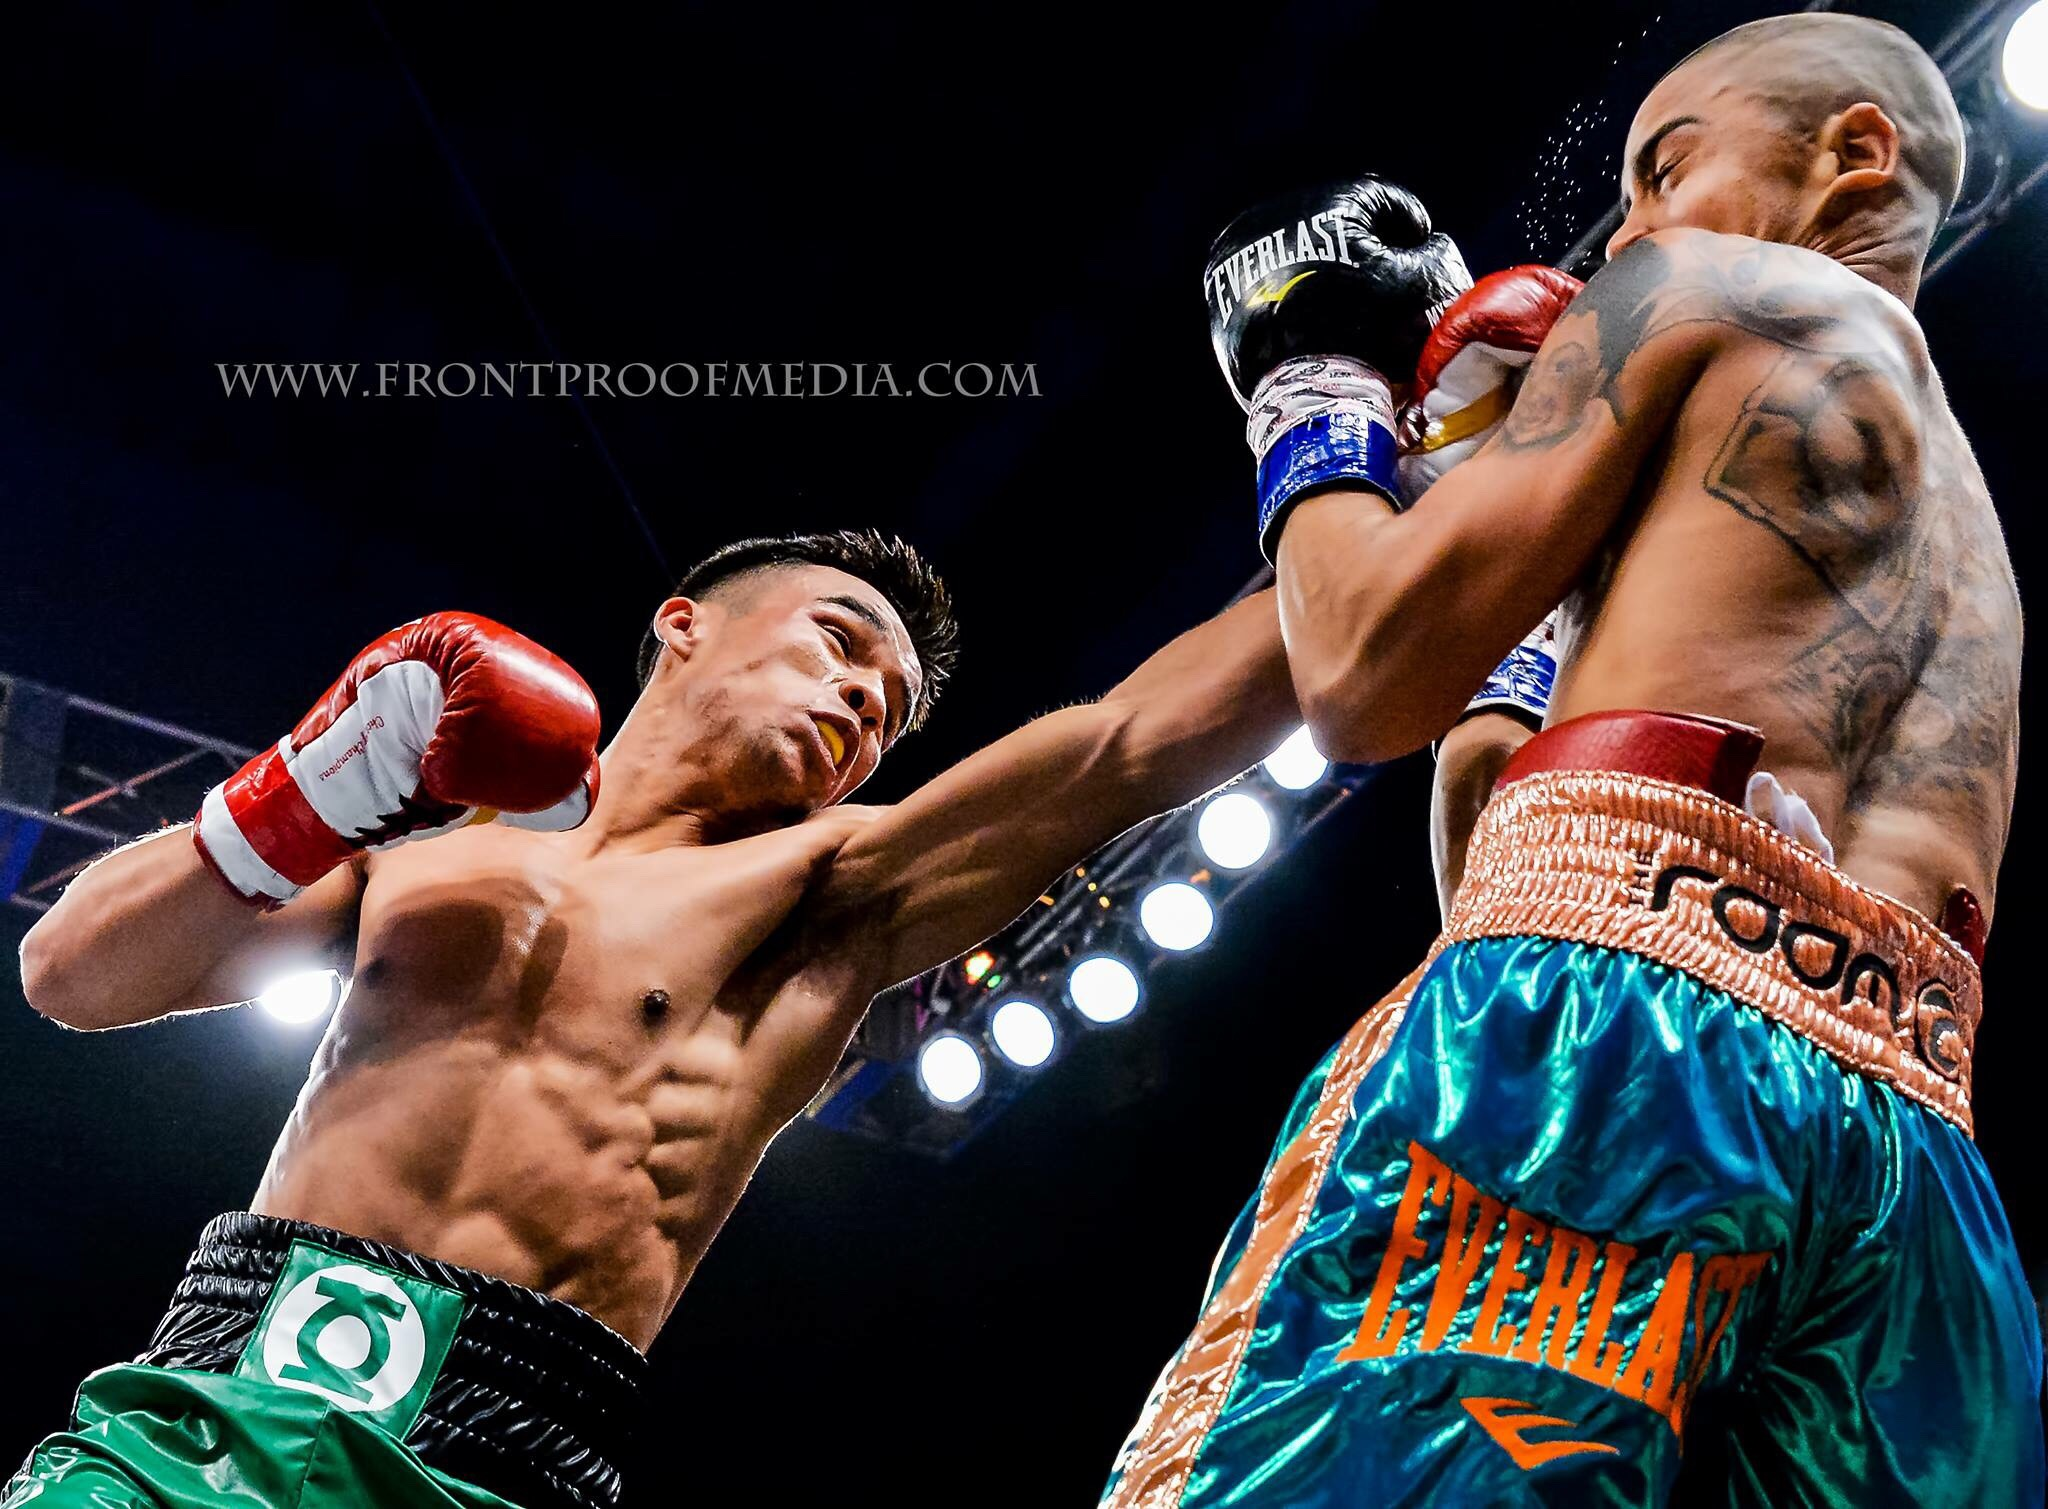 Rafael Rivera lands a left jab on Wilfredo Vazquez Jr. Photo: Joseph Correa/Frontproofmedia.com